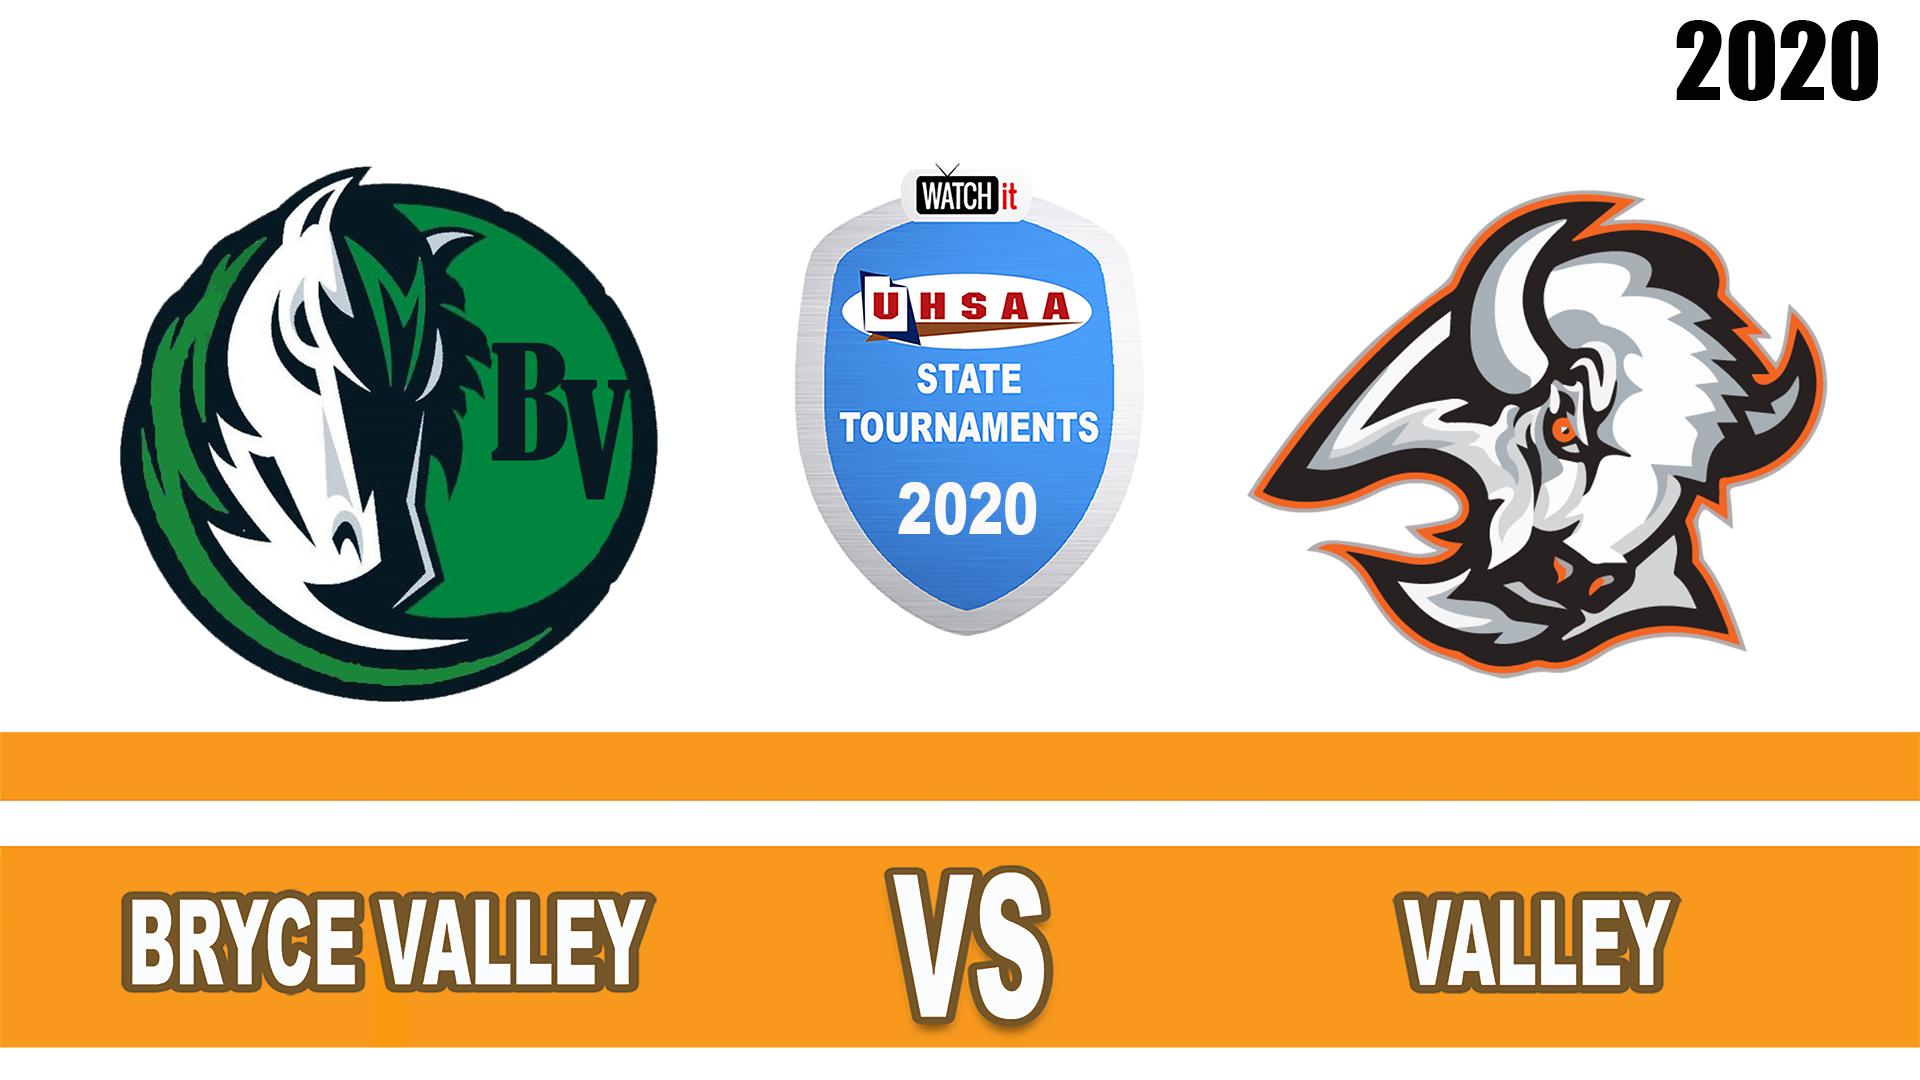 Bryce Valley vs Valley